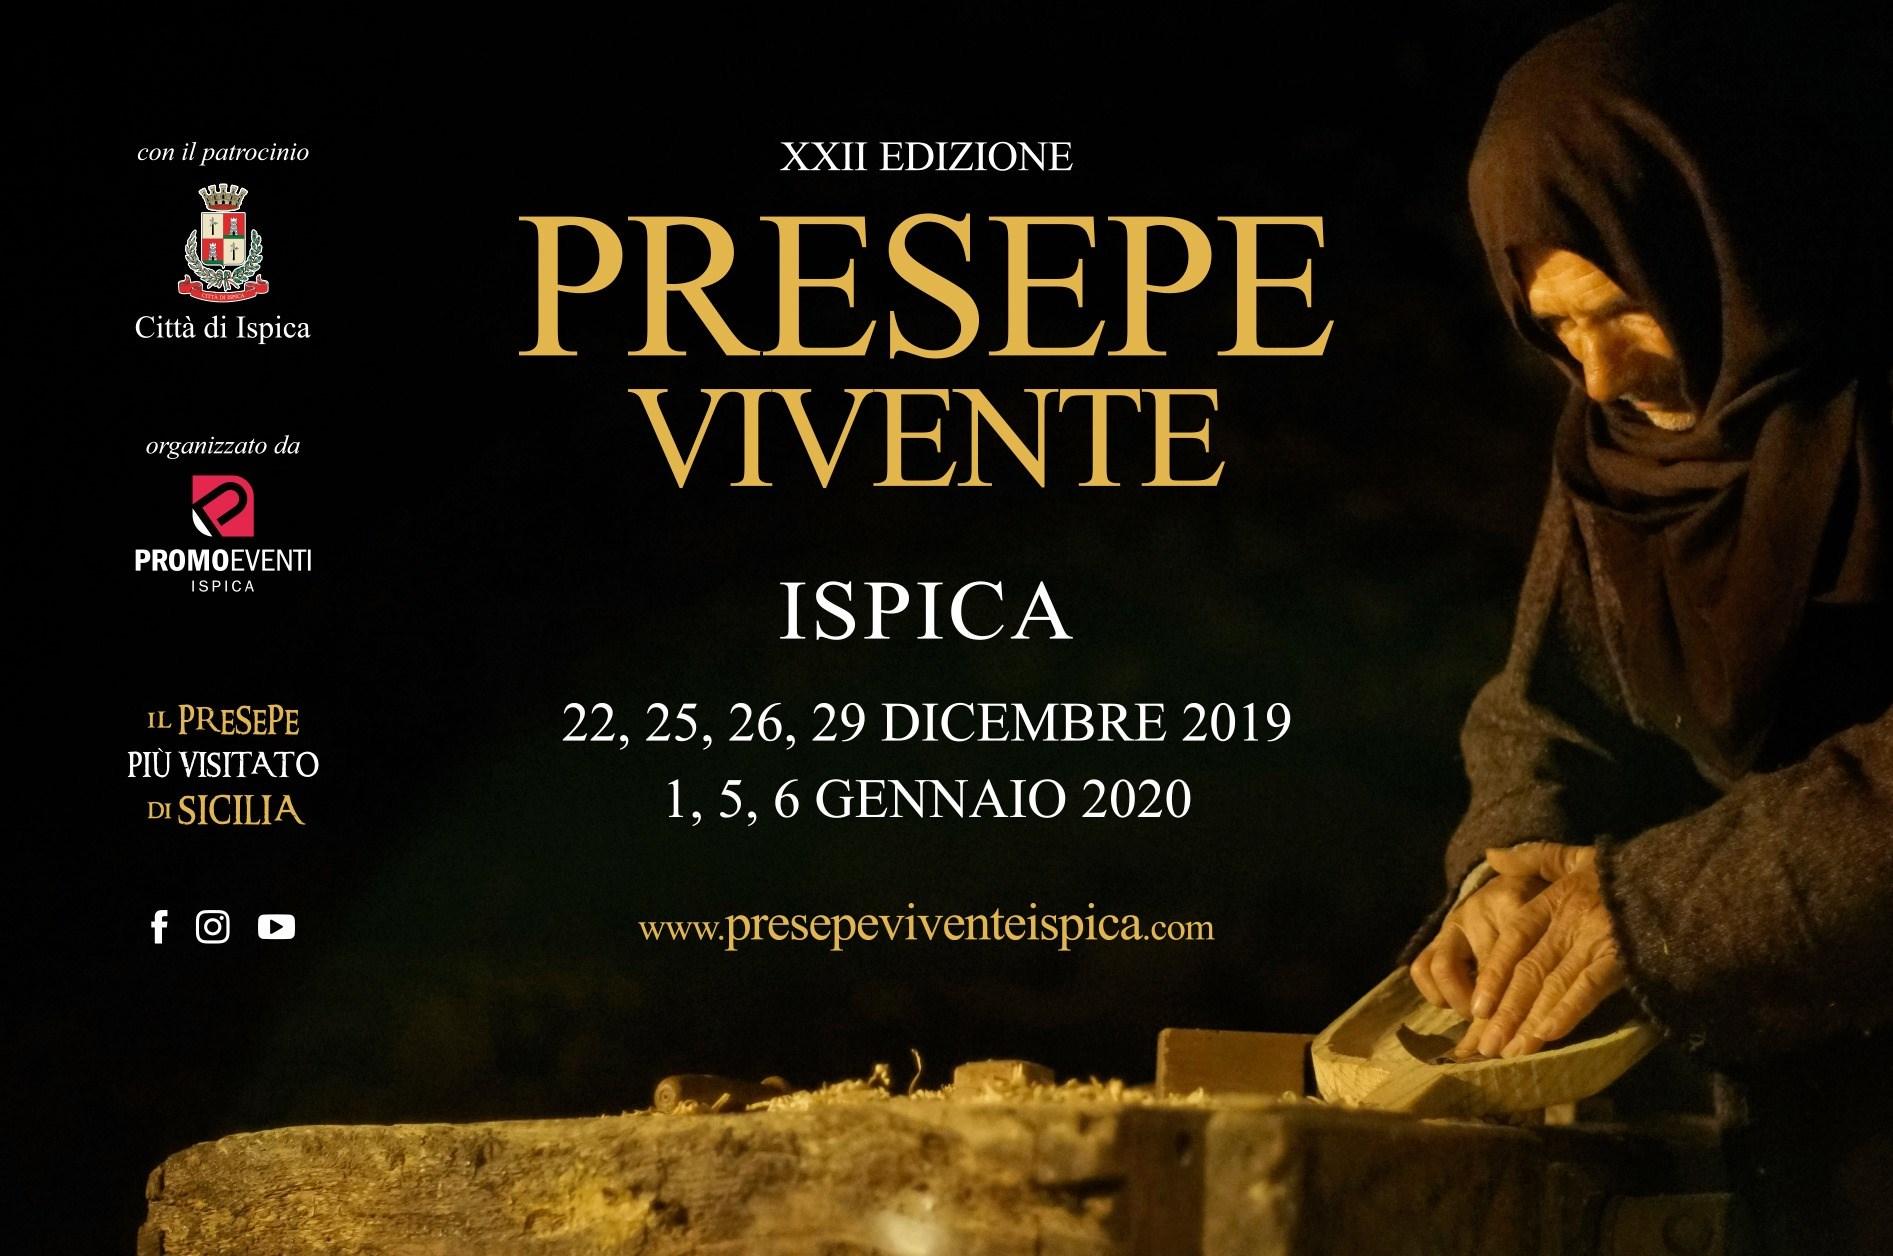 Presepe_Vivente_Ispica